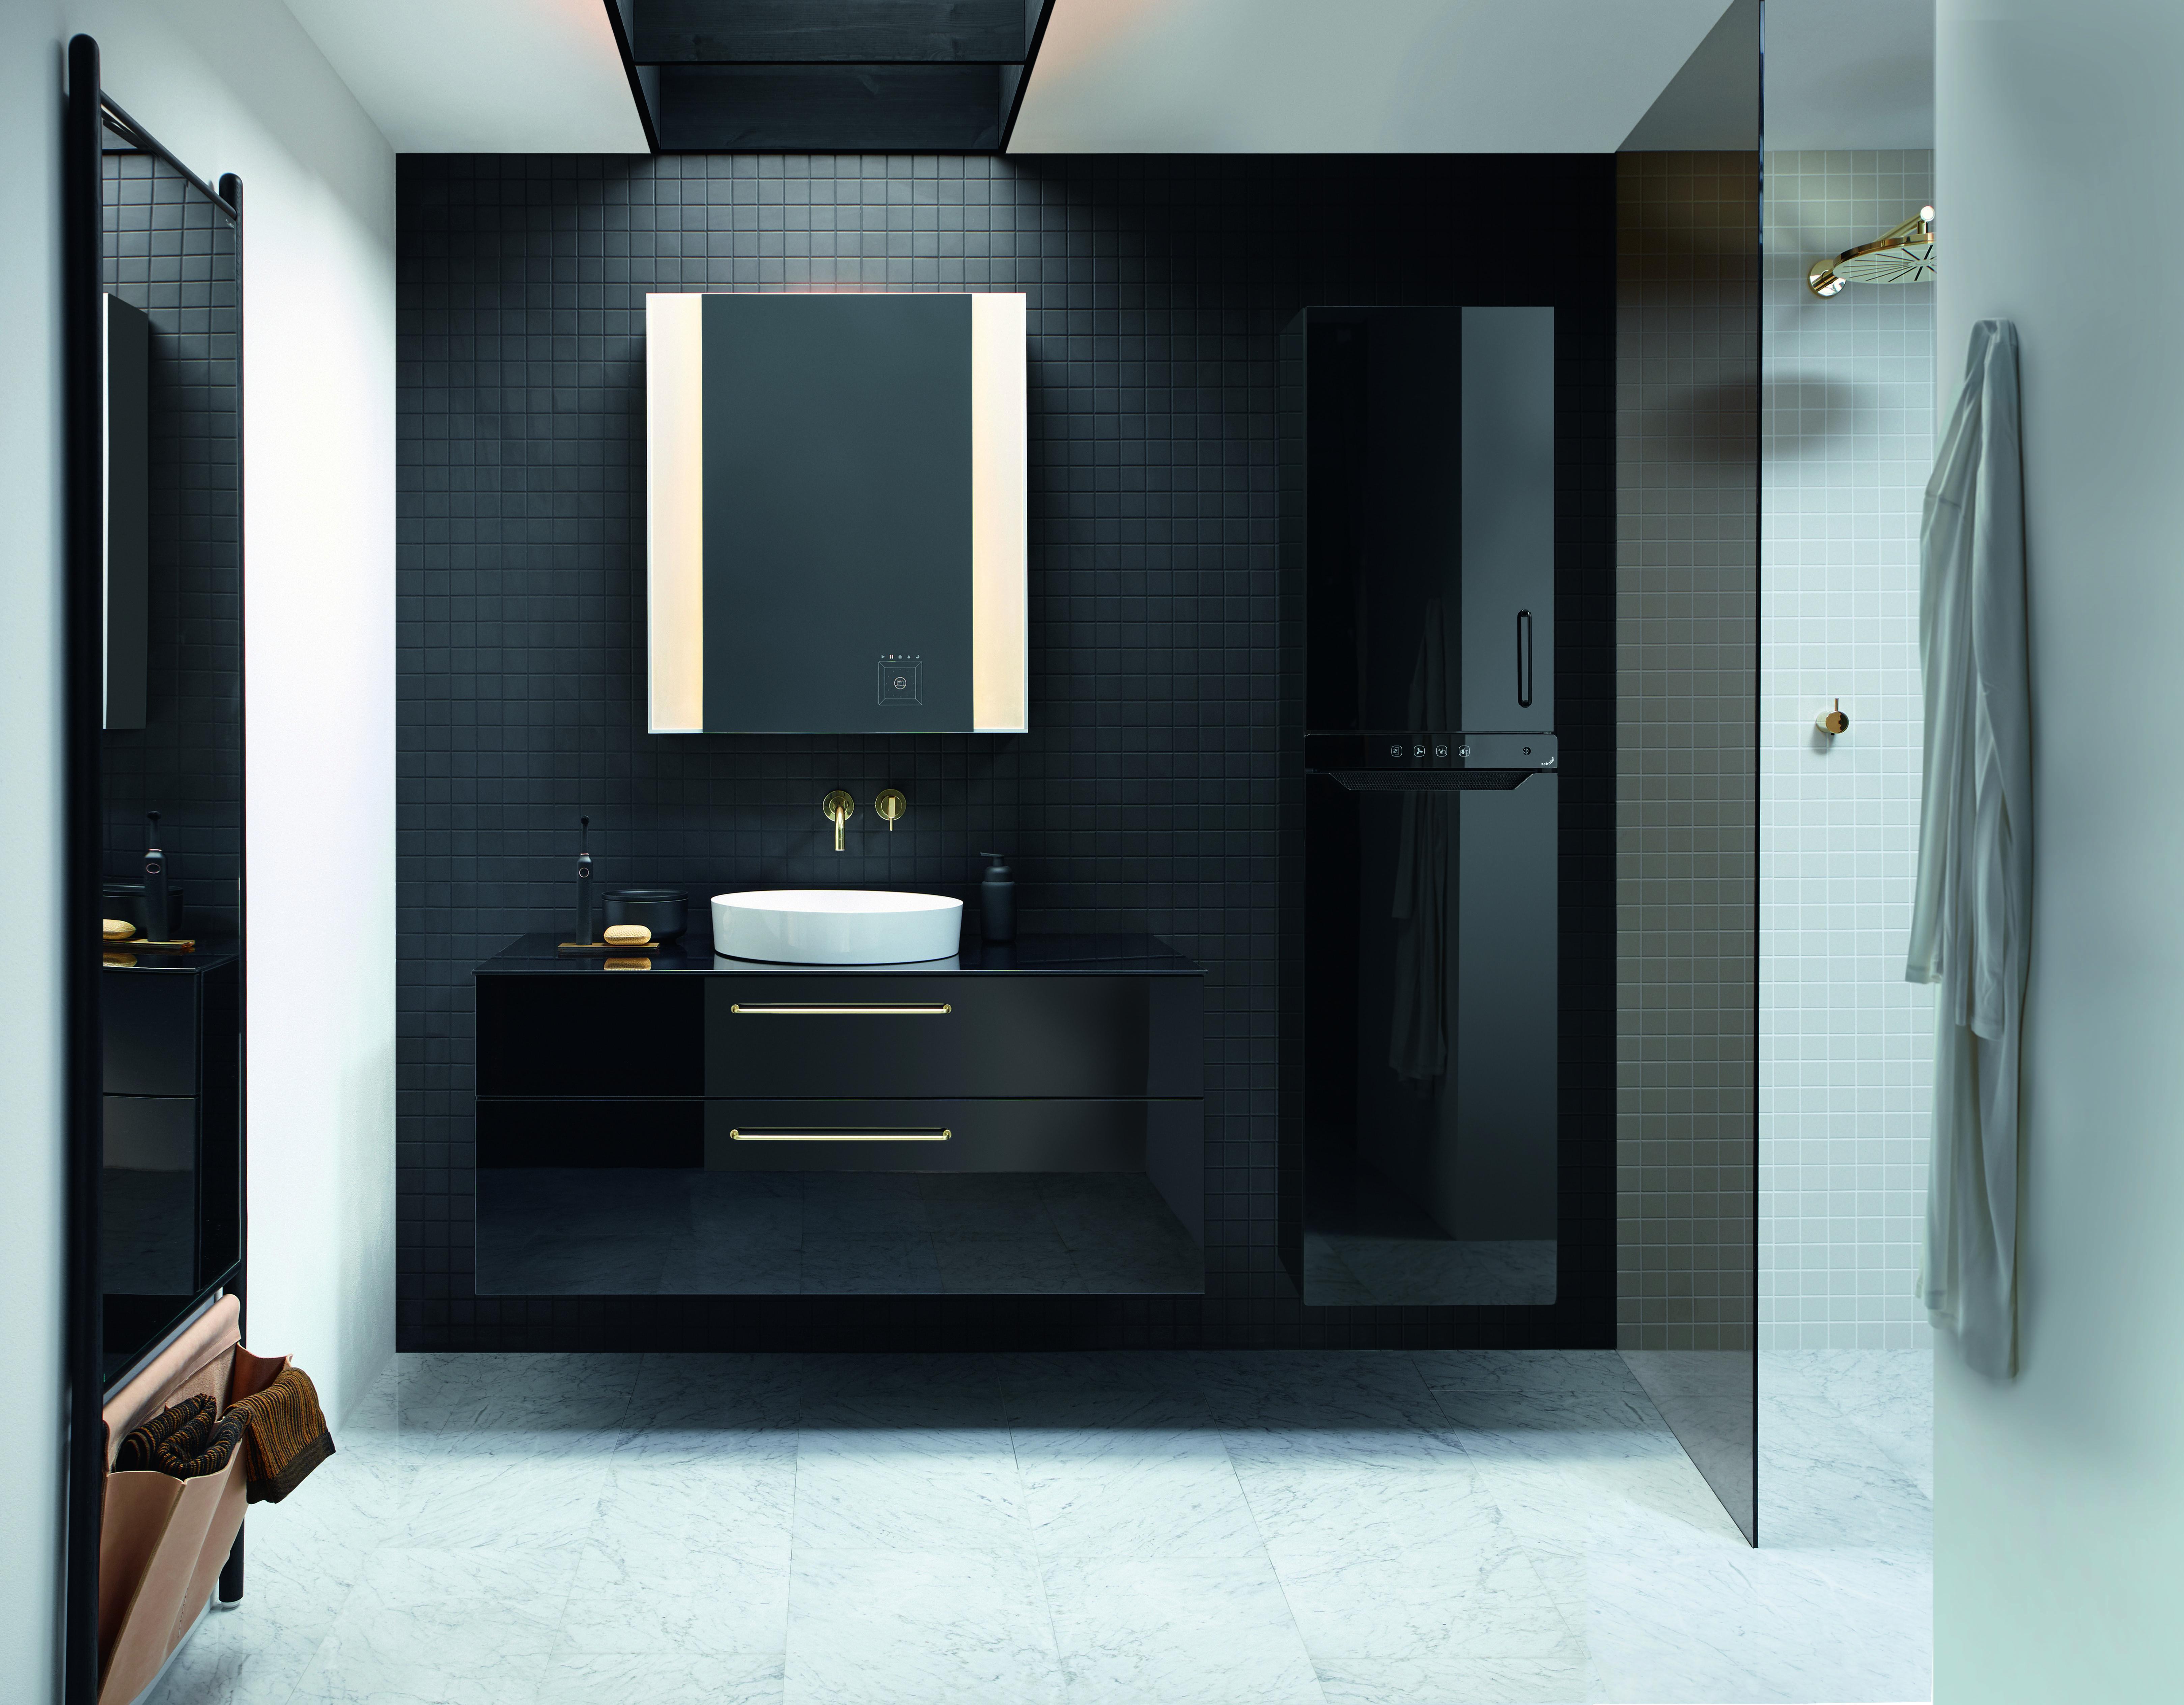 Burgbad Und Zehnder Vorgewarmte Handtucher Aus Dem Schrank Design Heizkorper Badezimmereinrichtung Badezimmer Inspiration